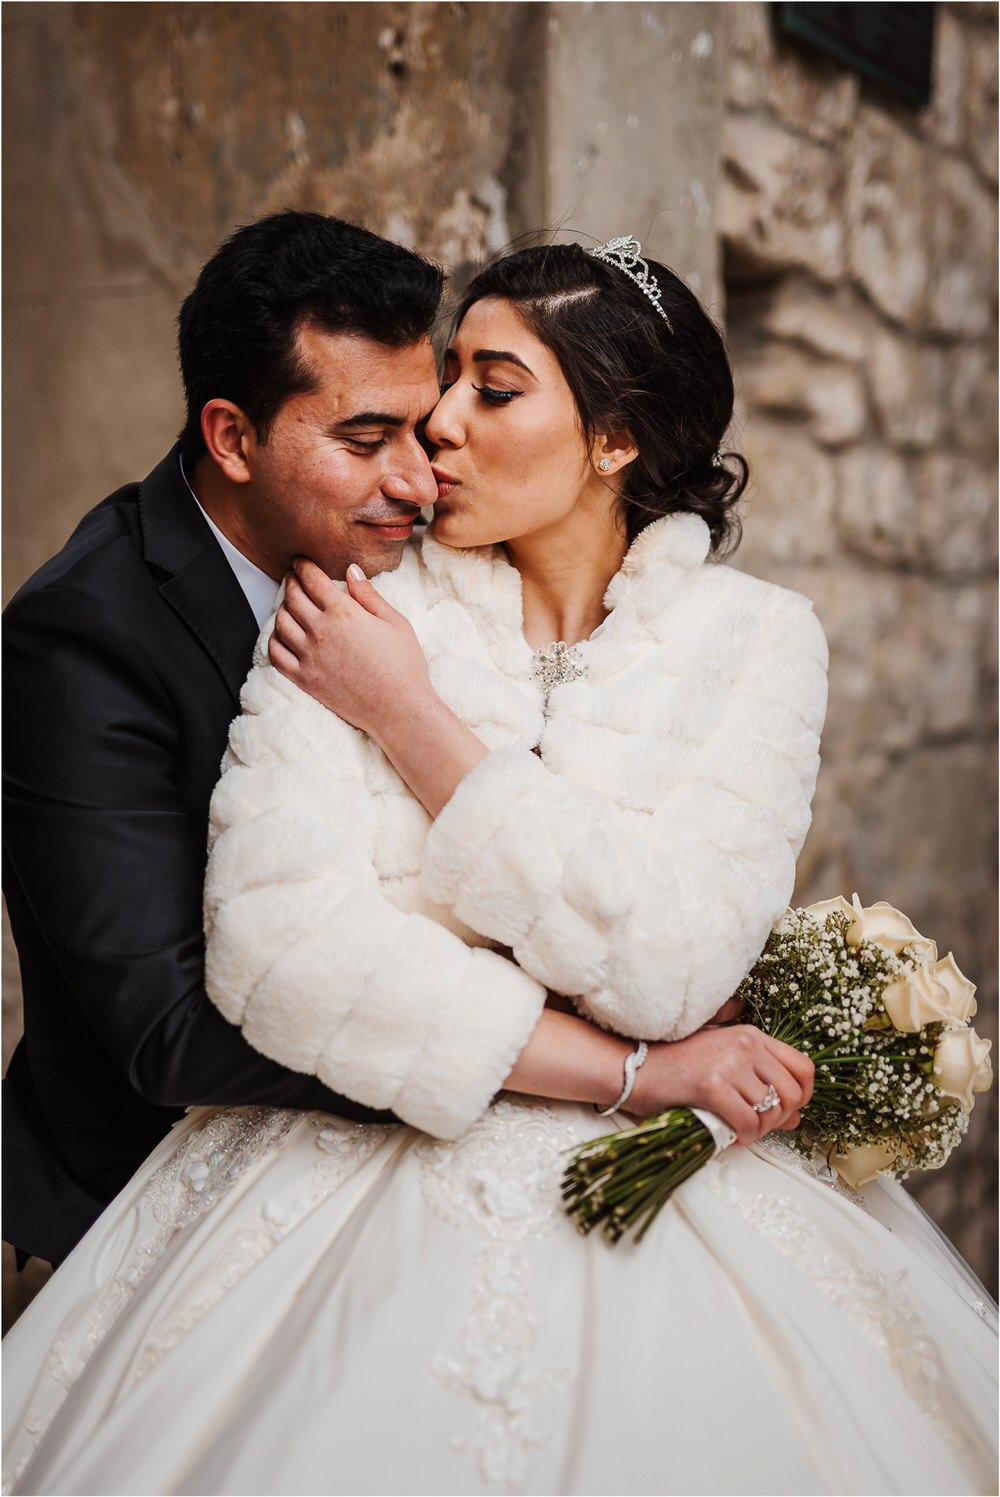 piran slovenia wedding elopement poroka obala portoroz primorska soline secovlje morje beach 0024.jpg